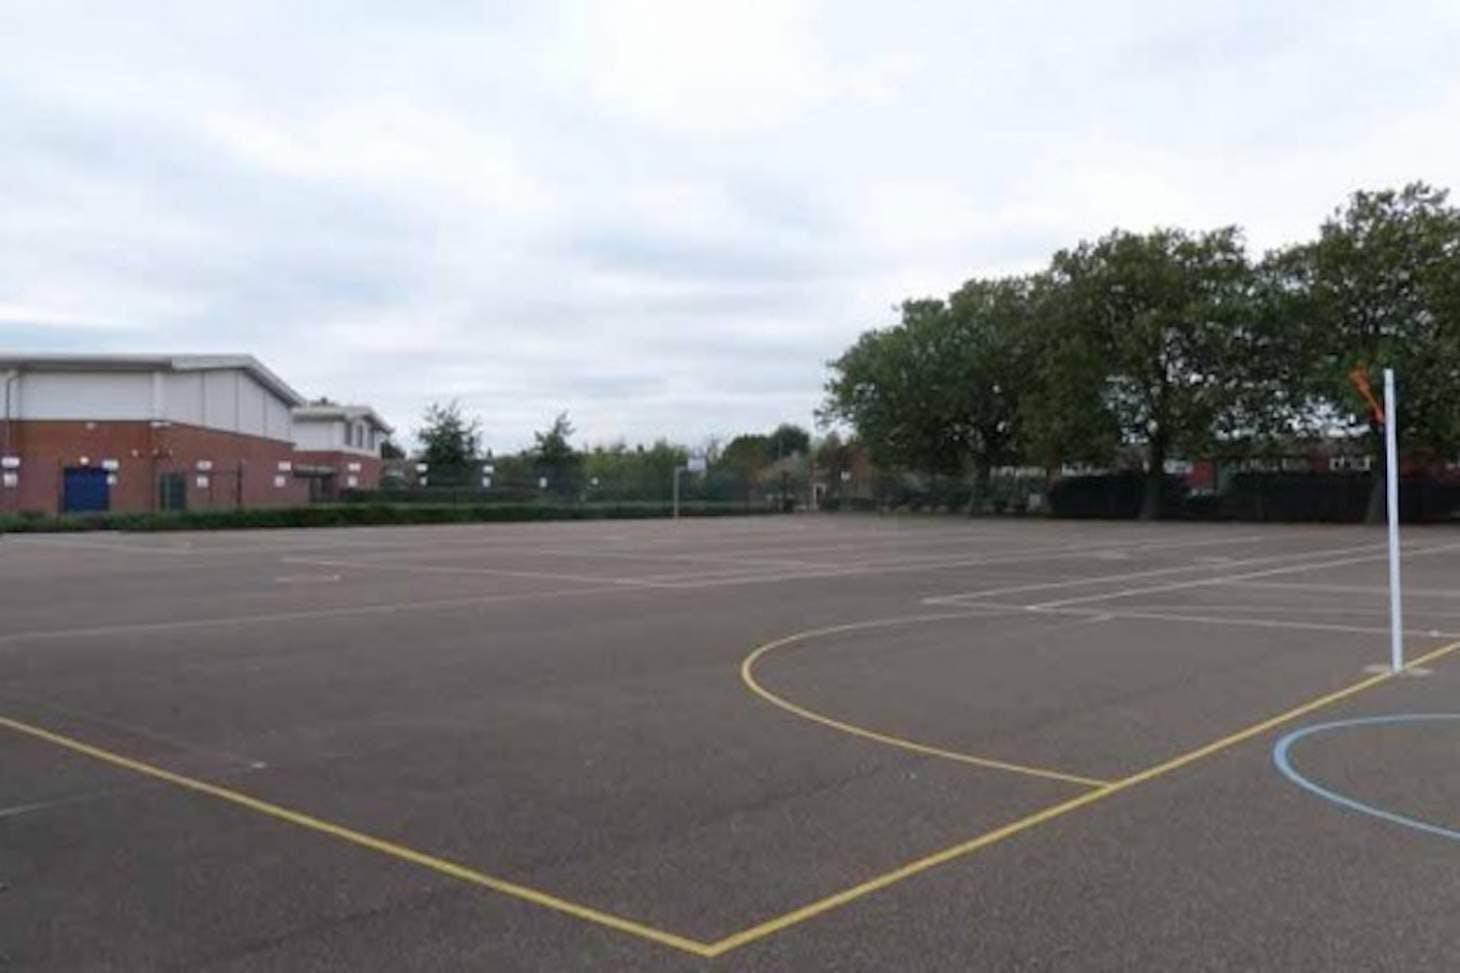 Welling School Court   Hard (macadam) tennis court